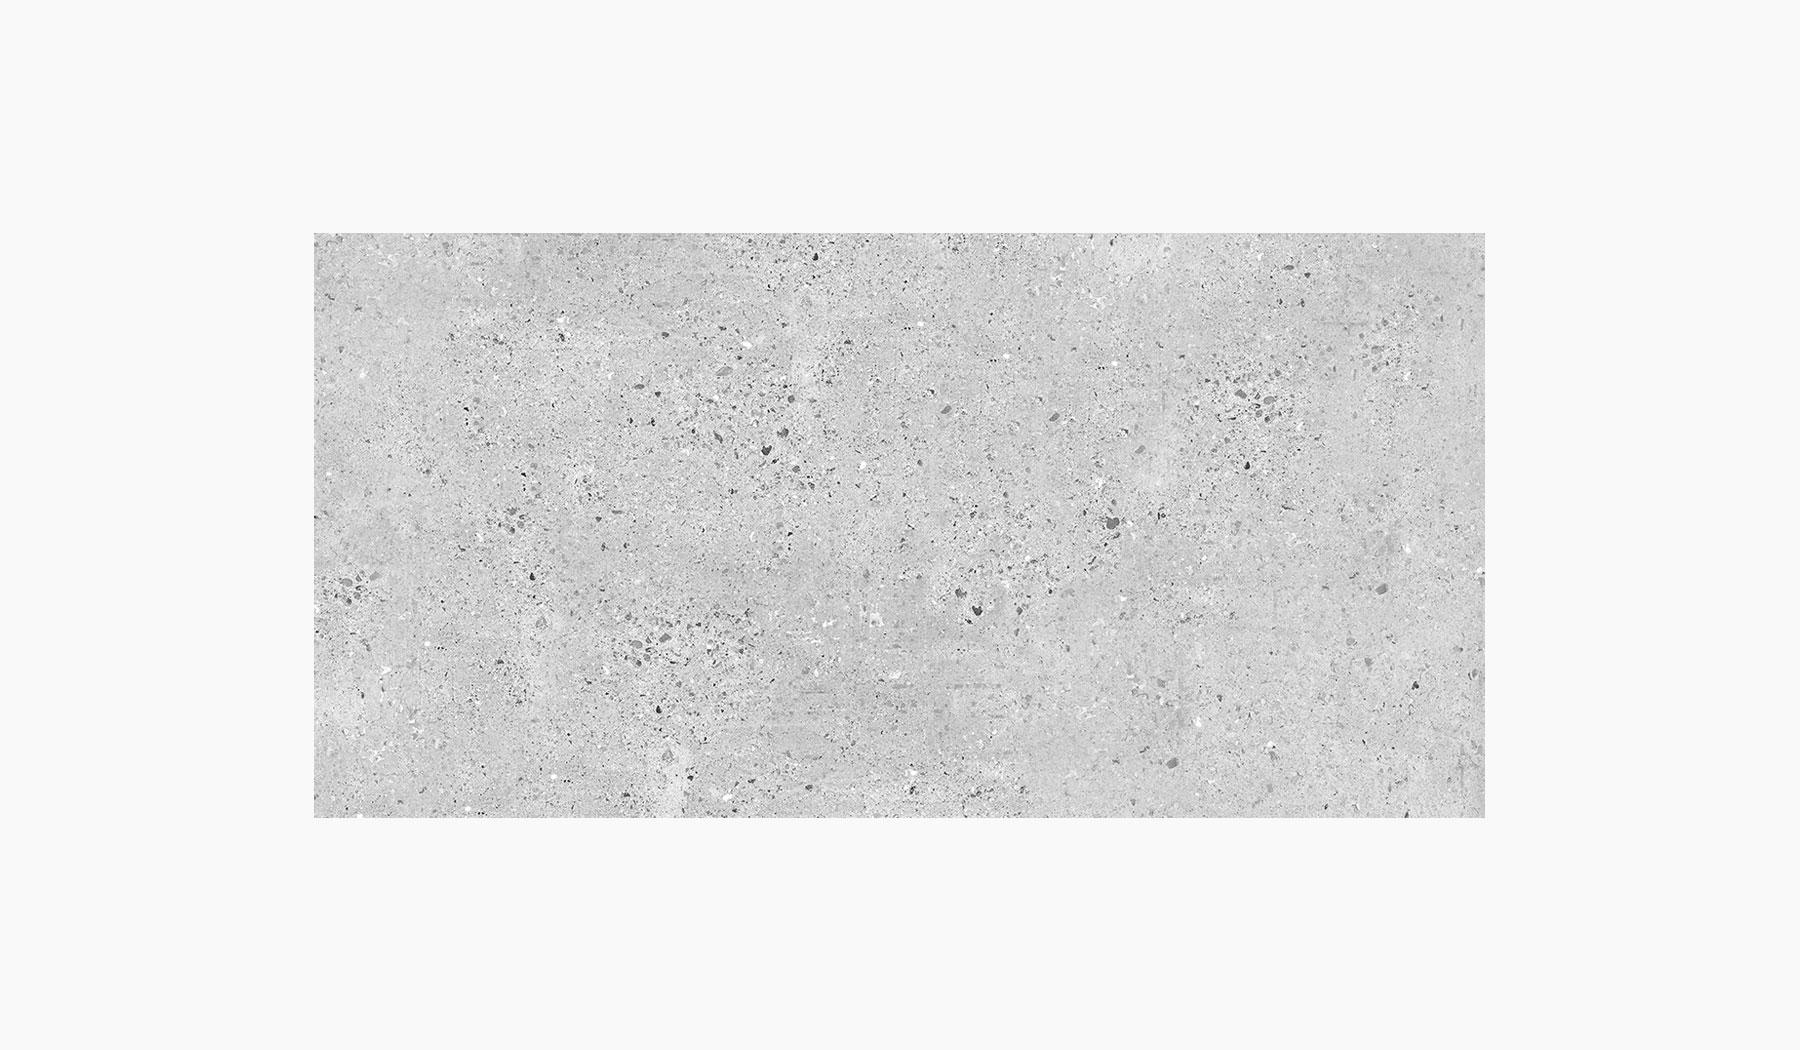 کاشی و سرامیک بوم سرامیک ، سرامیک پرسلان فابریان طوسی روشن سایز 60*120 لعاب مات صاف با زمینه سیمانی